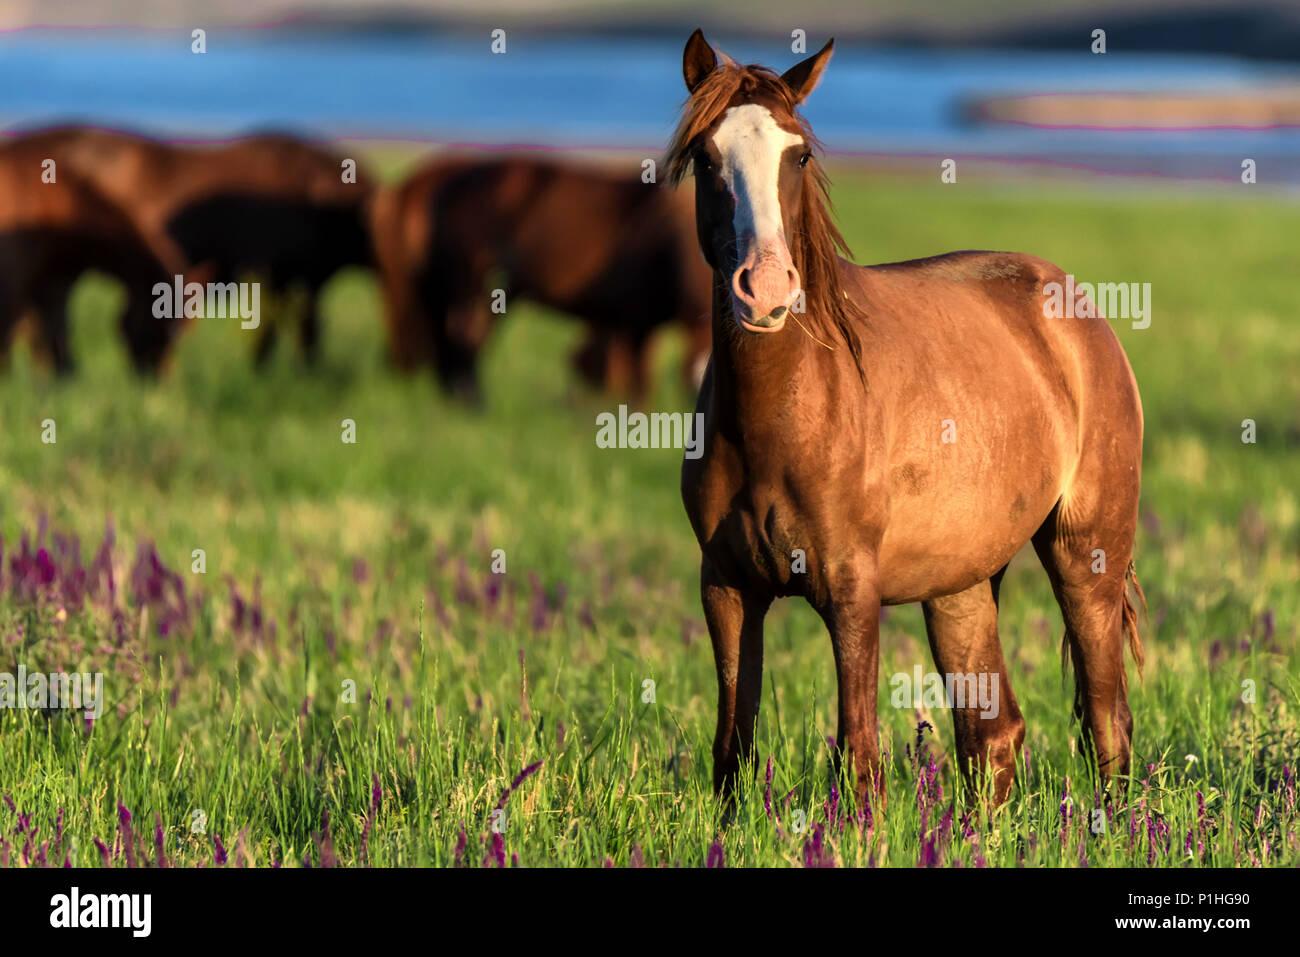 Wild horses graze in the sunlit meadow - Stock Image